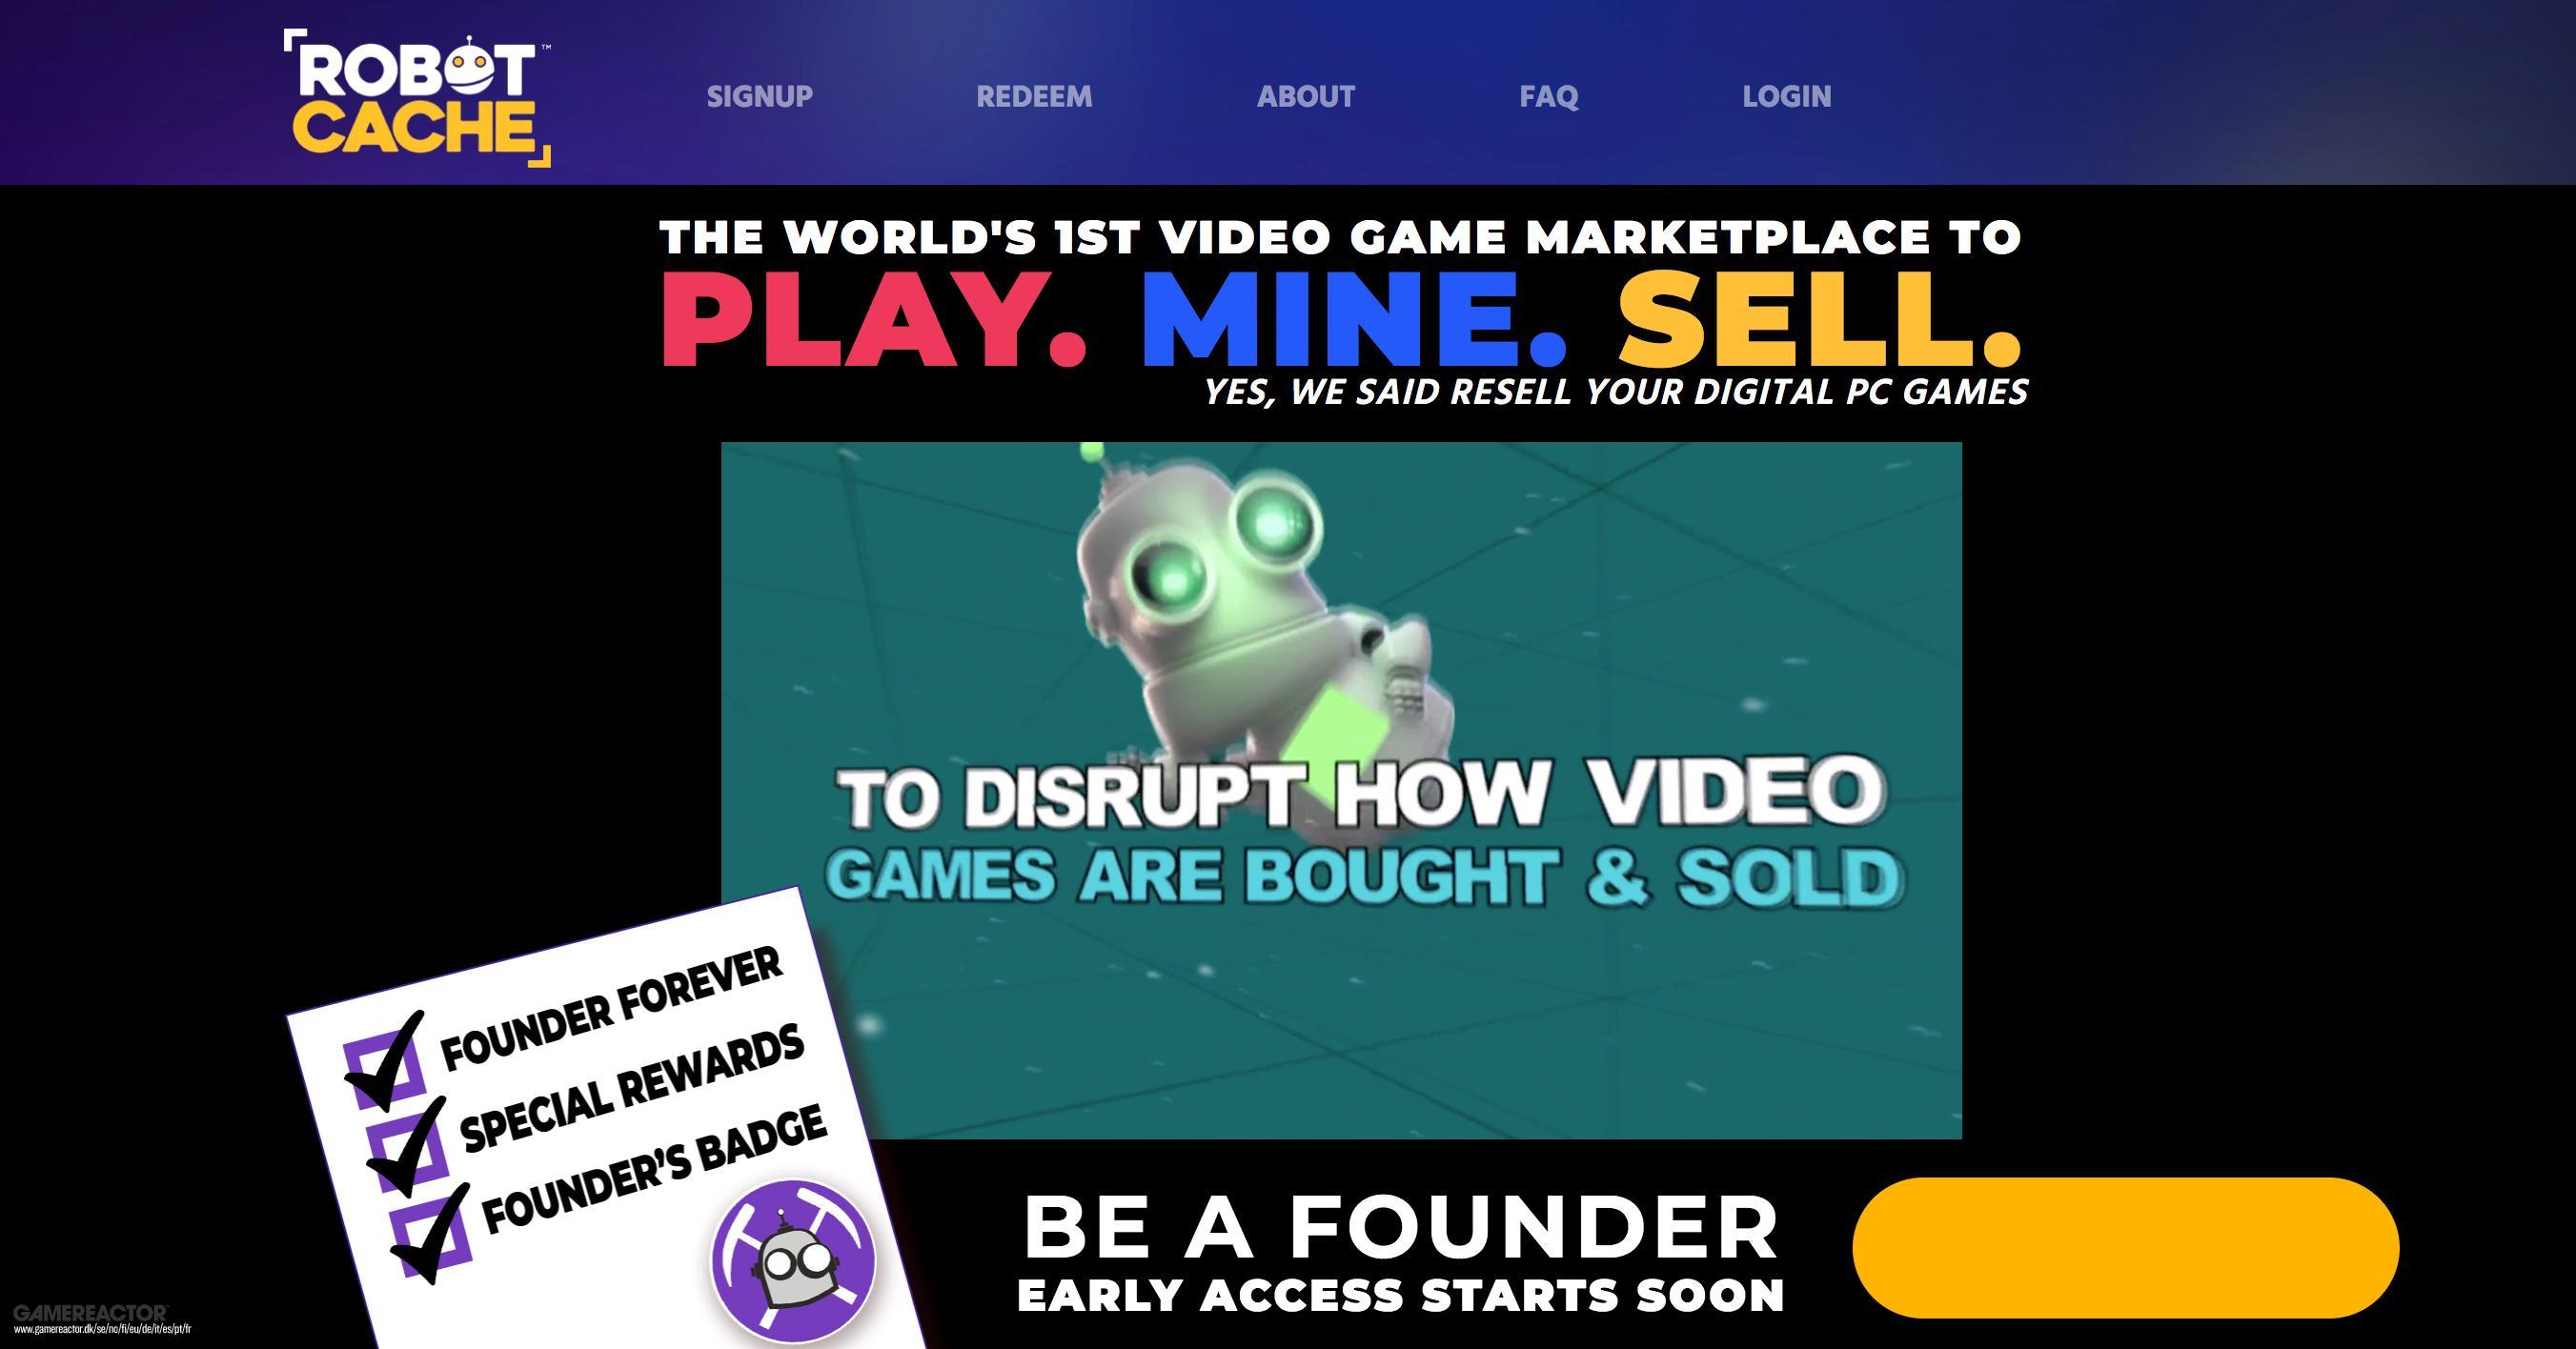 Digital Gekaufte Pc Games Via Robot Cache Weiterverkaufen